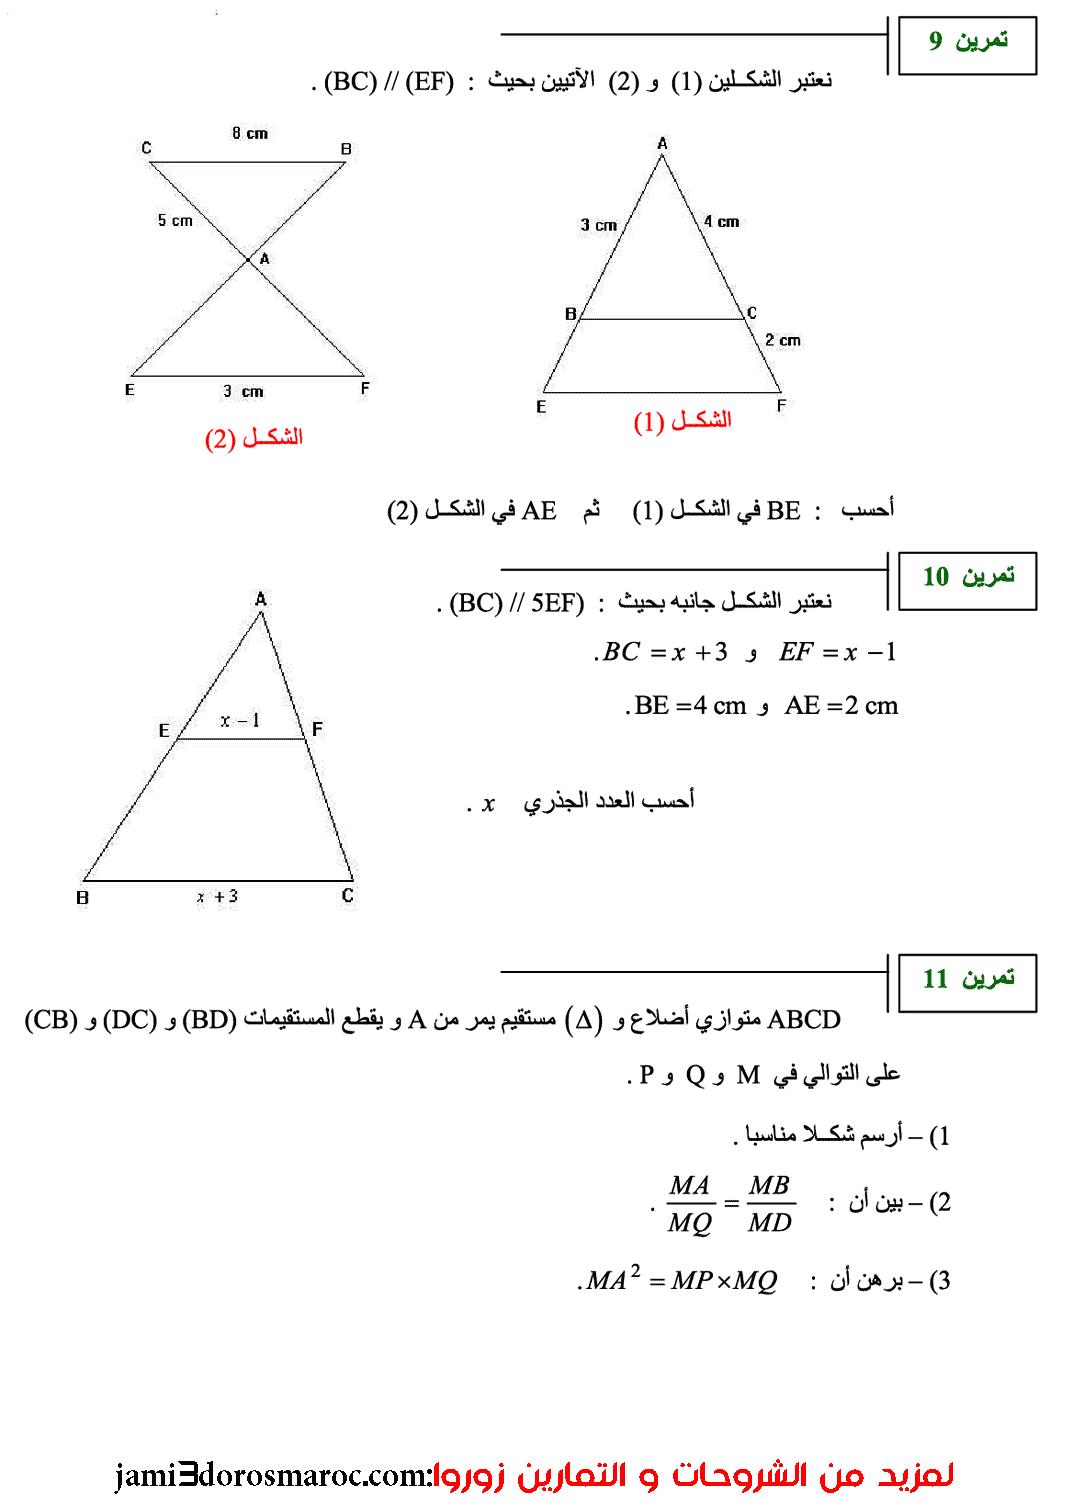 سلسلة تمارين في درس المستقيمات الموازية لأضلاع مثلث الثانية إعدادي